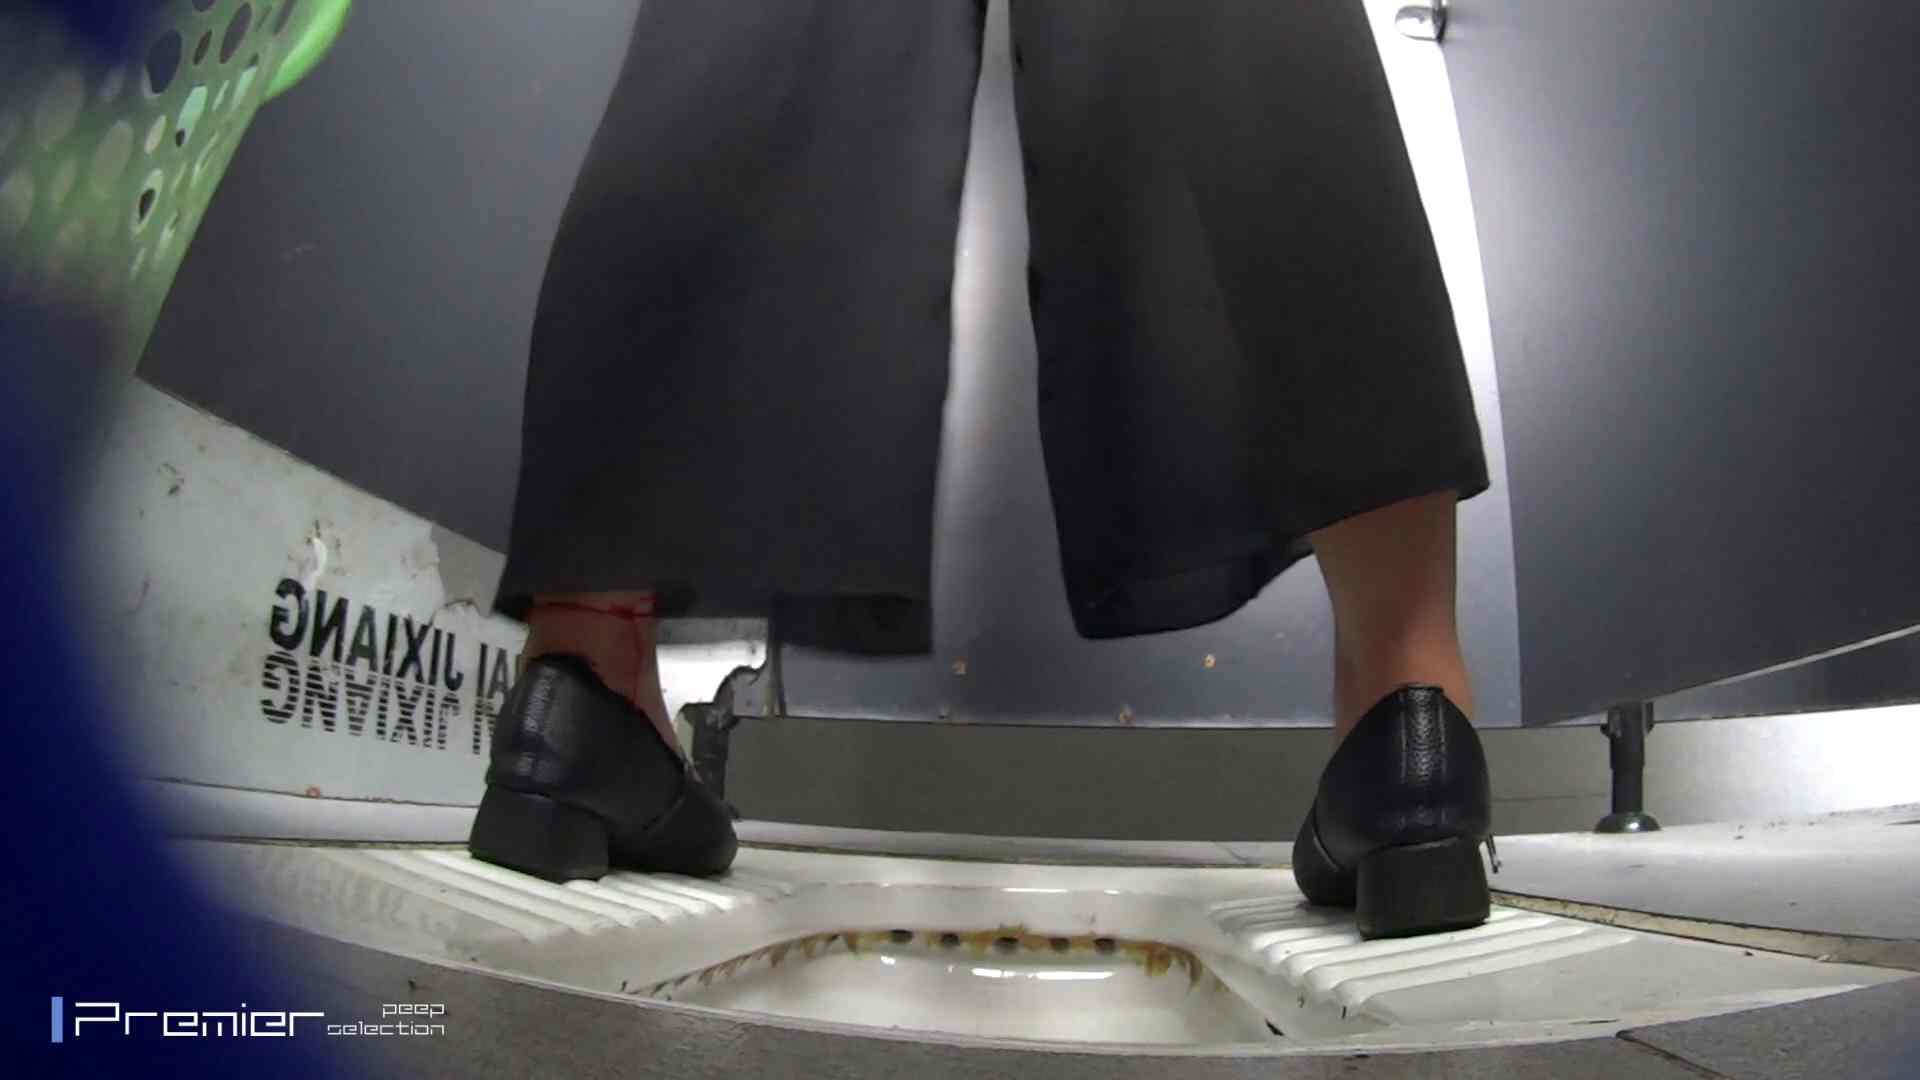 夏全開!ハーフパンツのギャル達 大学休憩時間の洗面所事情44 盗撮  70PIX 13